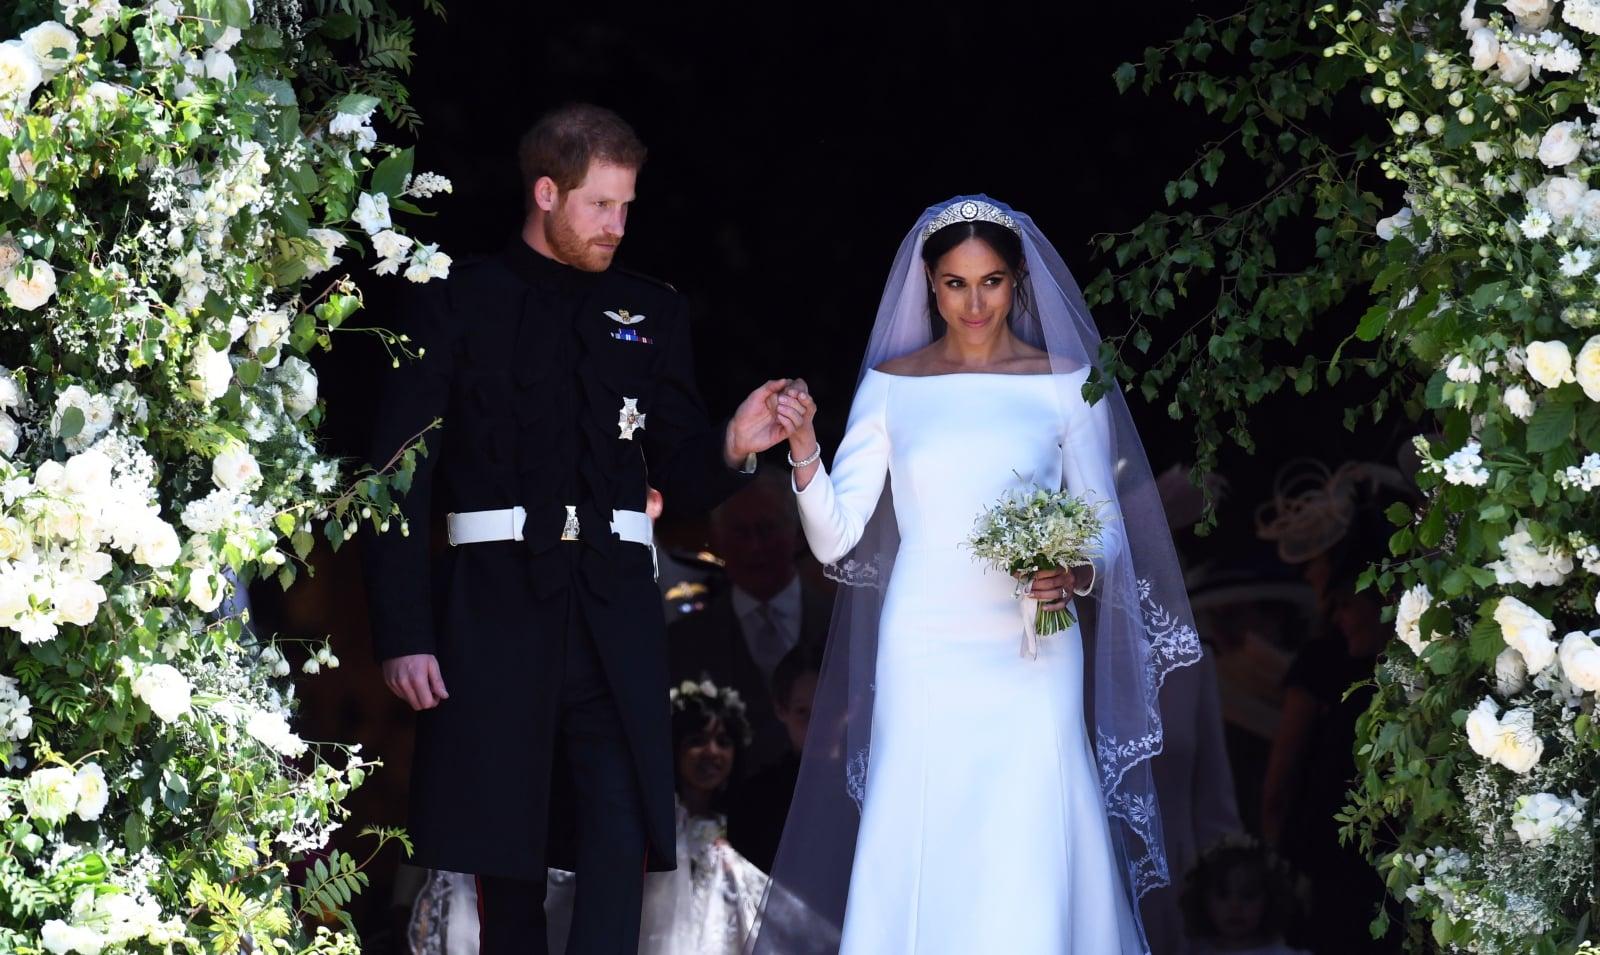 Ślub w rodzinie królewskiej Wielkiej Brytanii fot. EPA/Neil Hall